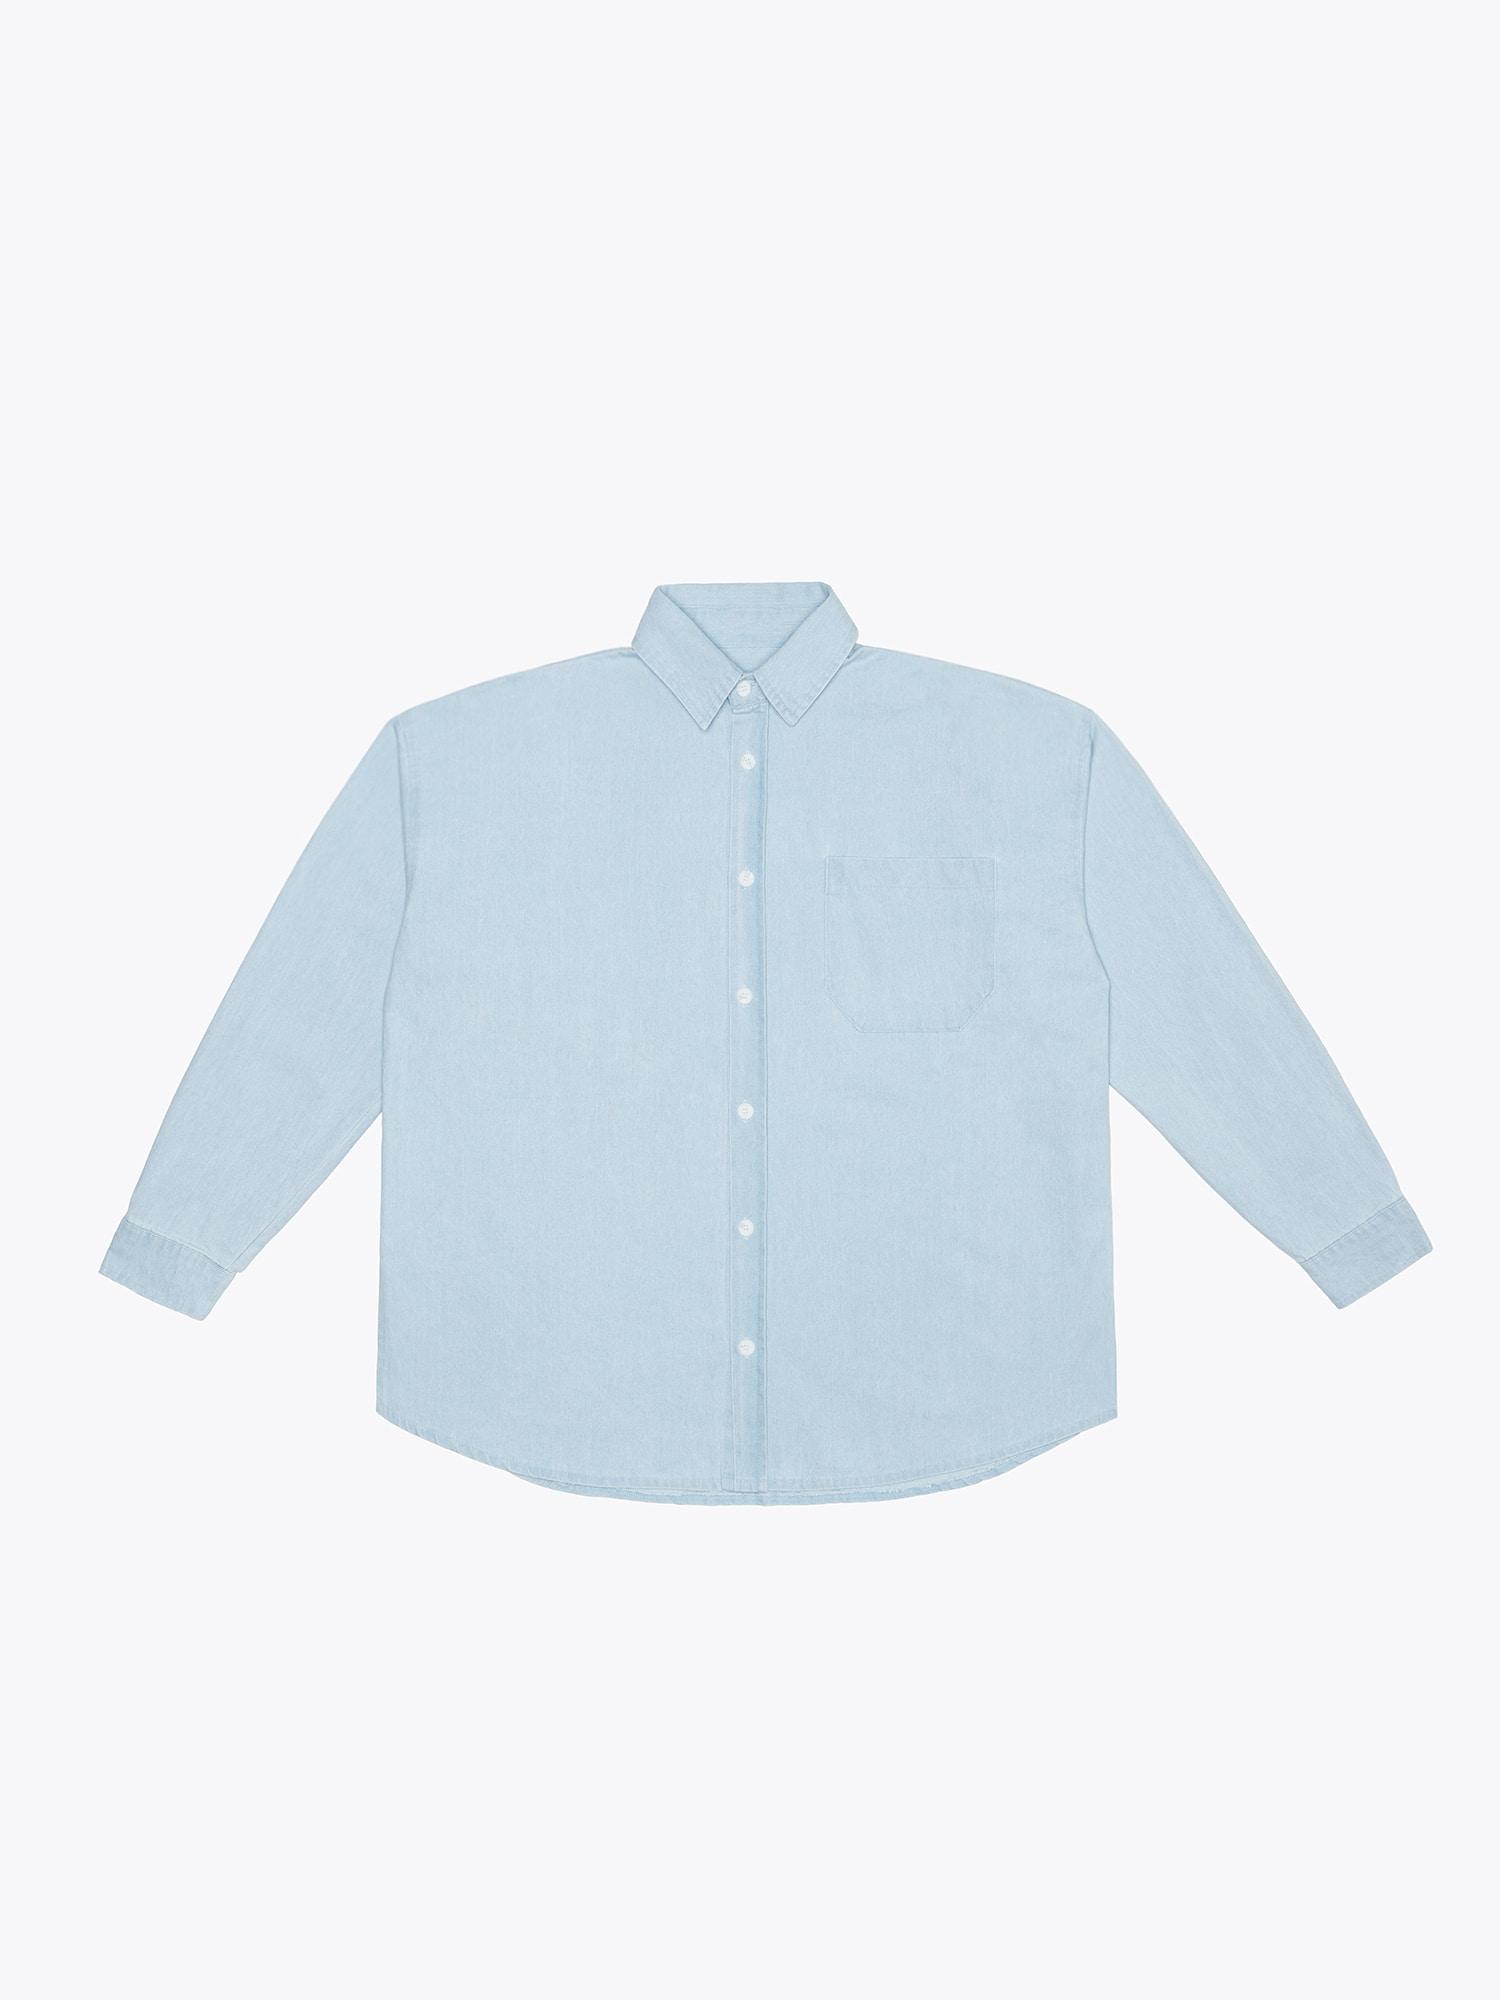 07 Denim Shirt - Blue